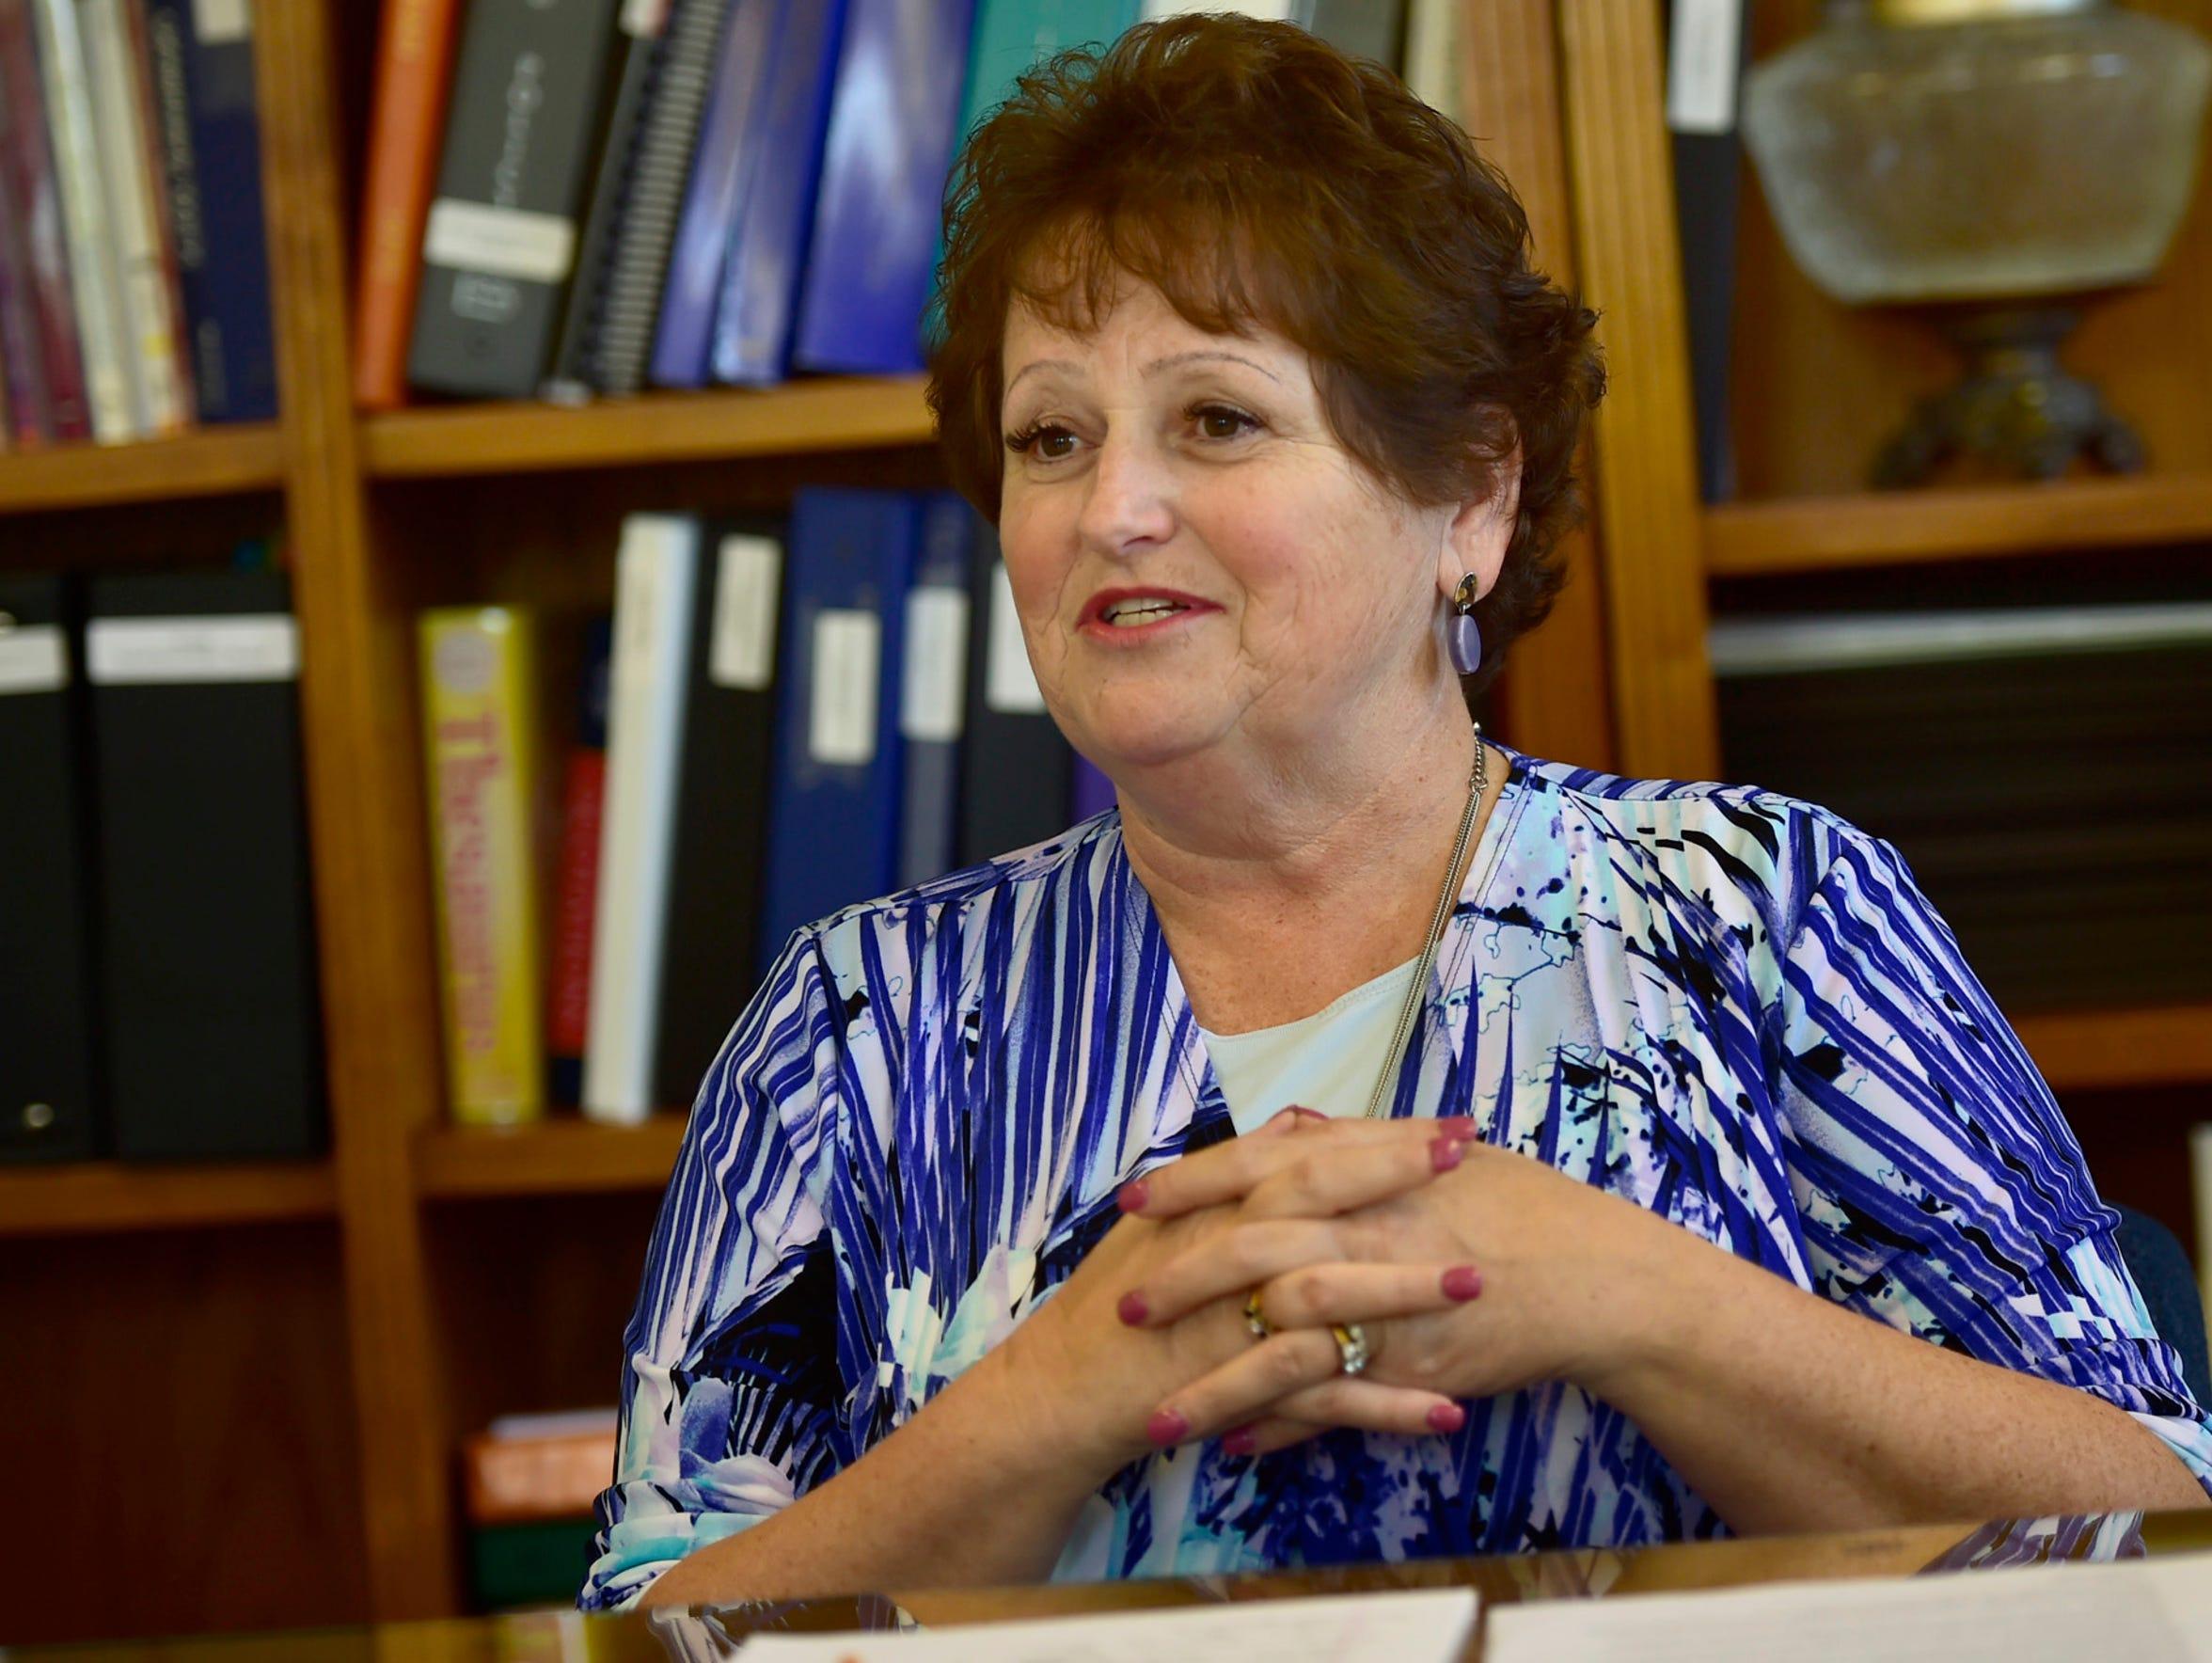 Dr. Sherian Diller, superindent of Waynesboro Area